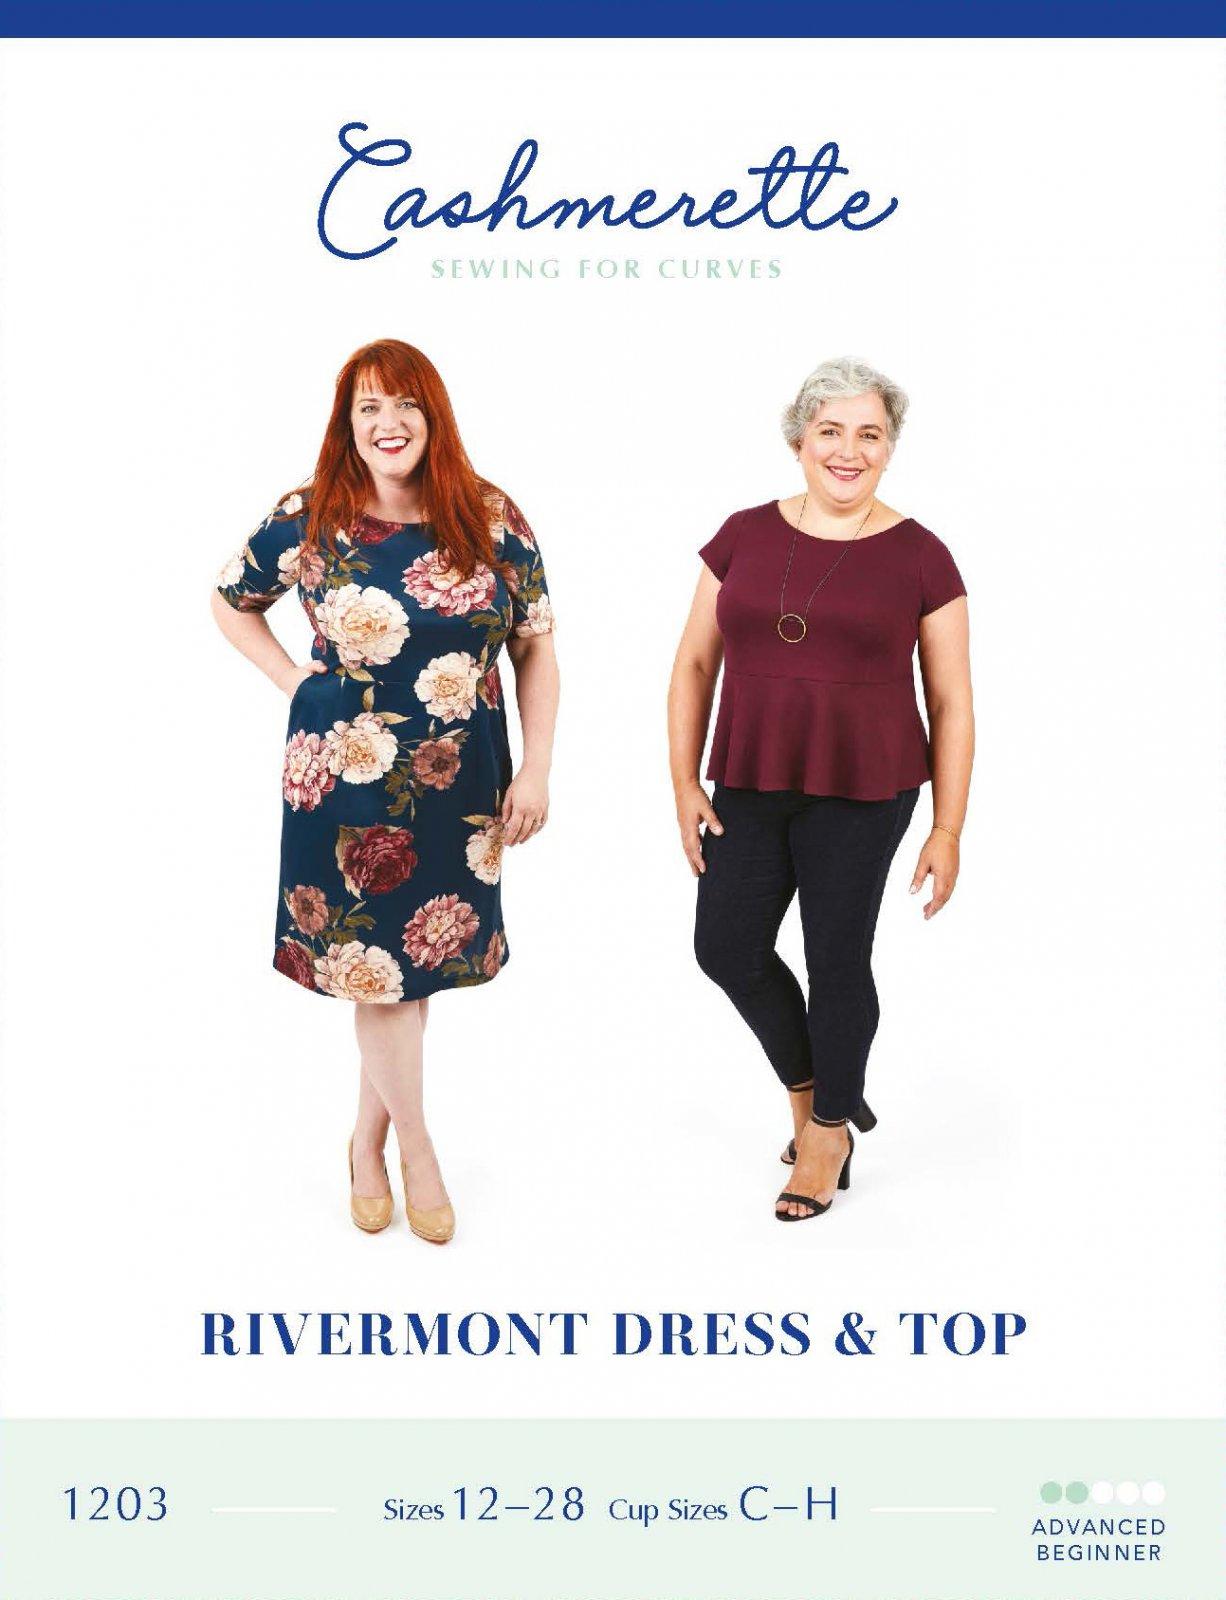 Rivermont Dress & Top - Cashmerette